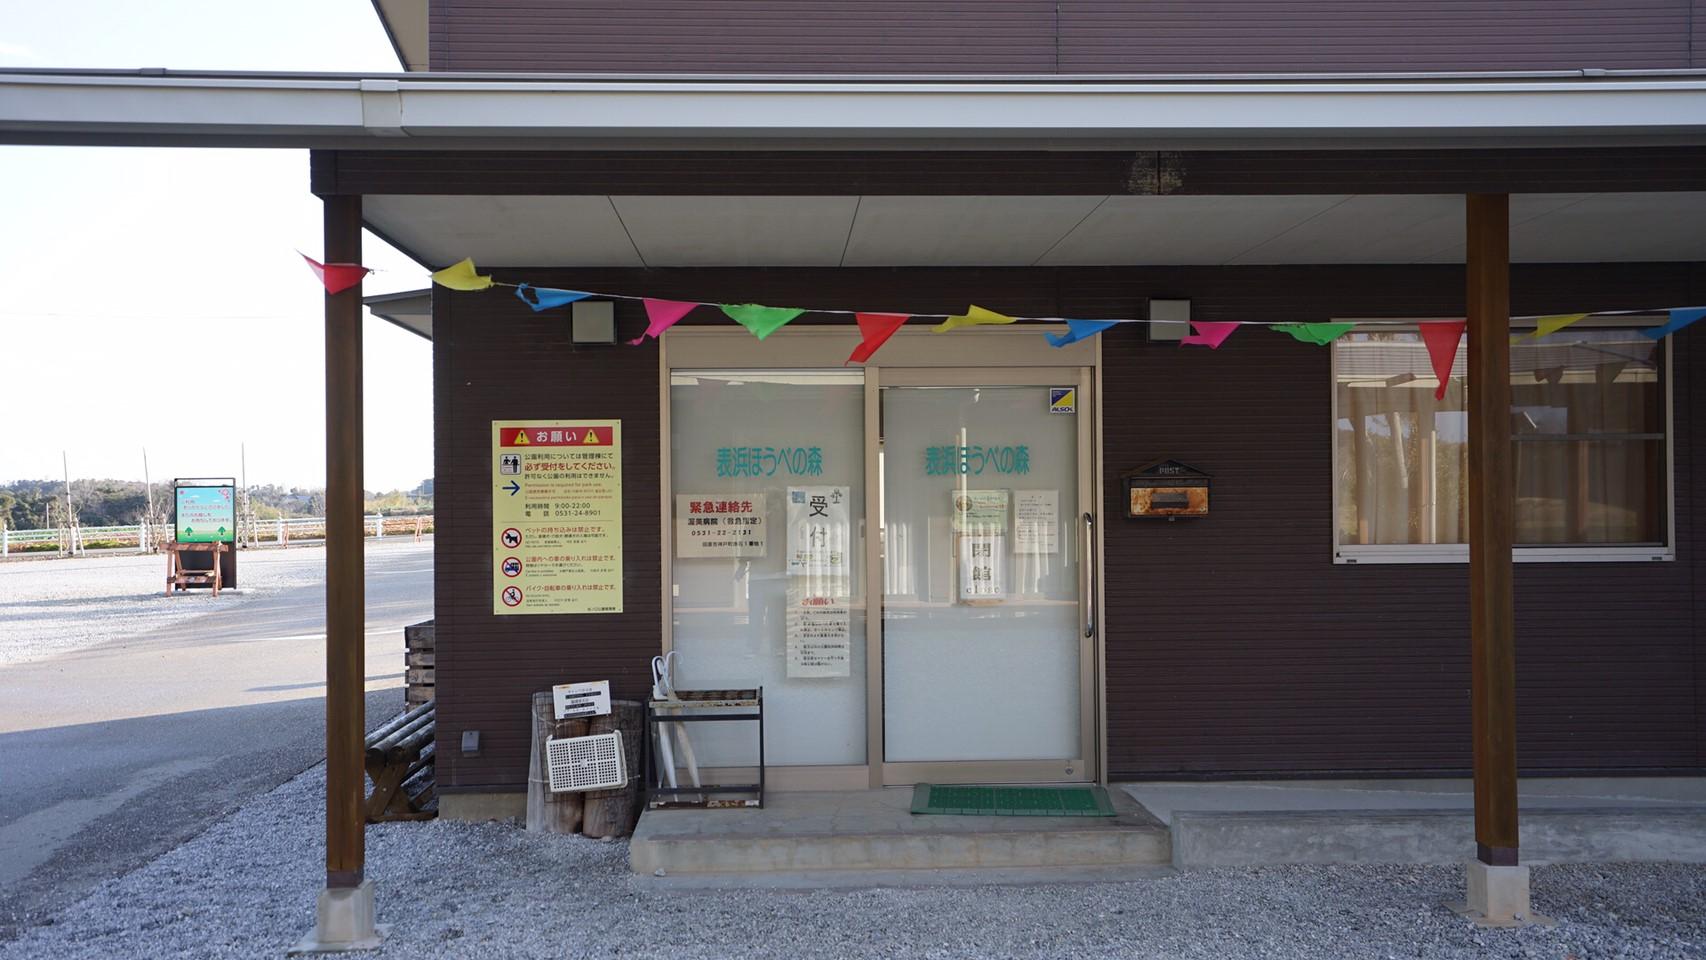 【愛知県田原市】『表浜ほうべの森キャンプ場』の情報まとめ(駐車場・トイレ)